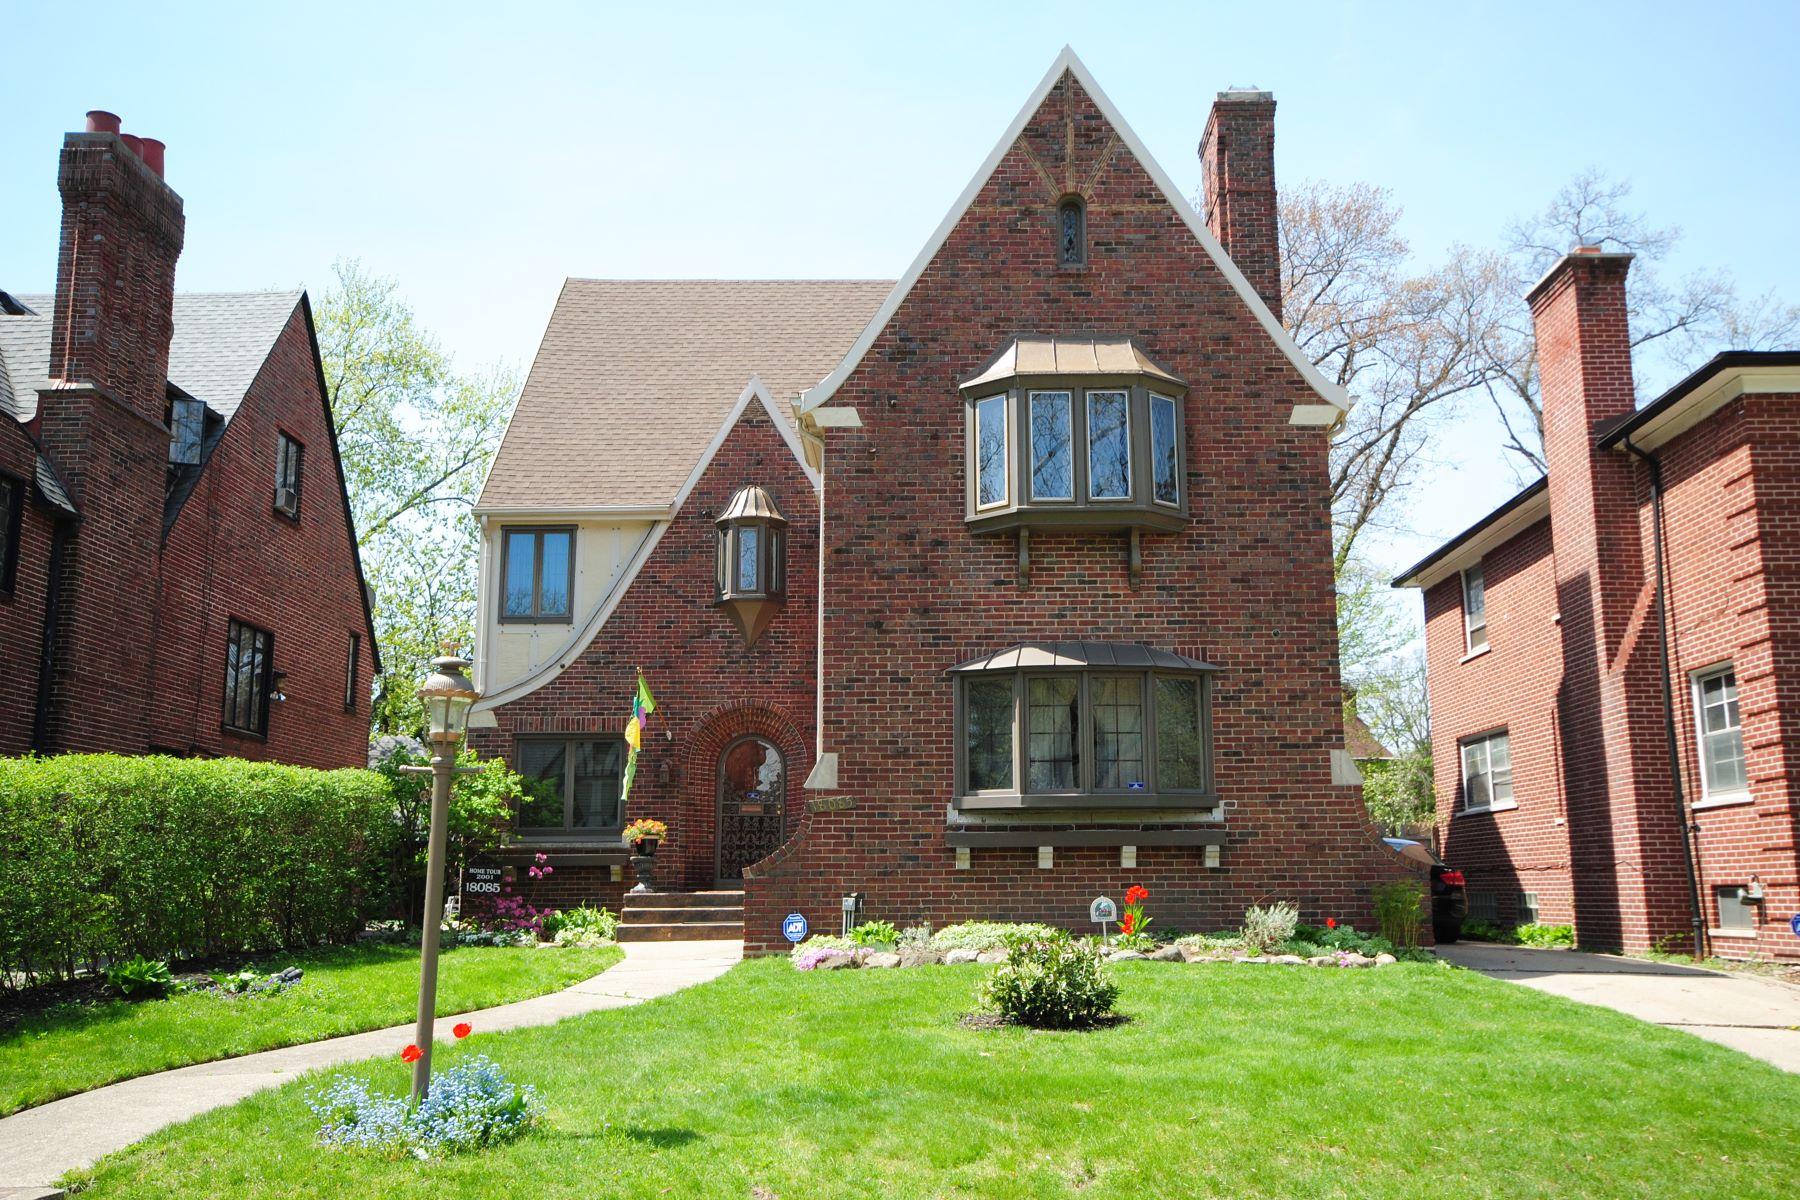 独户住宅 为 销售 在 Detroit 18085 Parkside Street Detroit, 密歇根州, 48221 美国